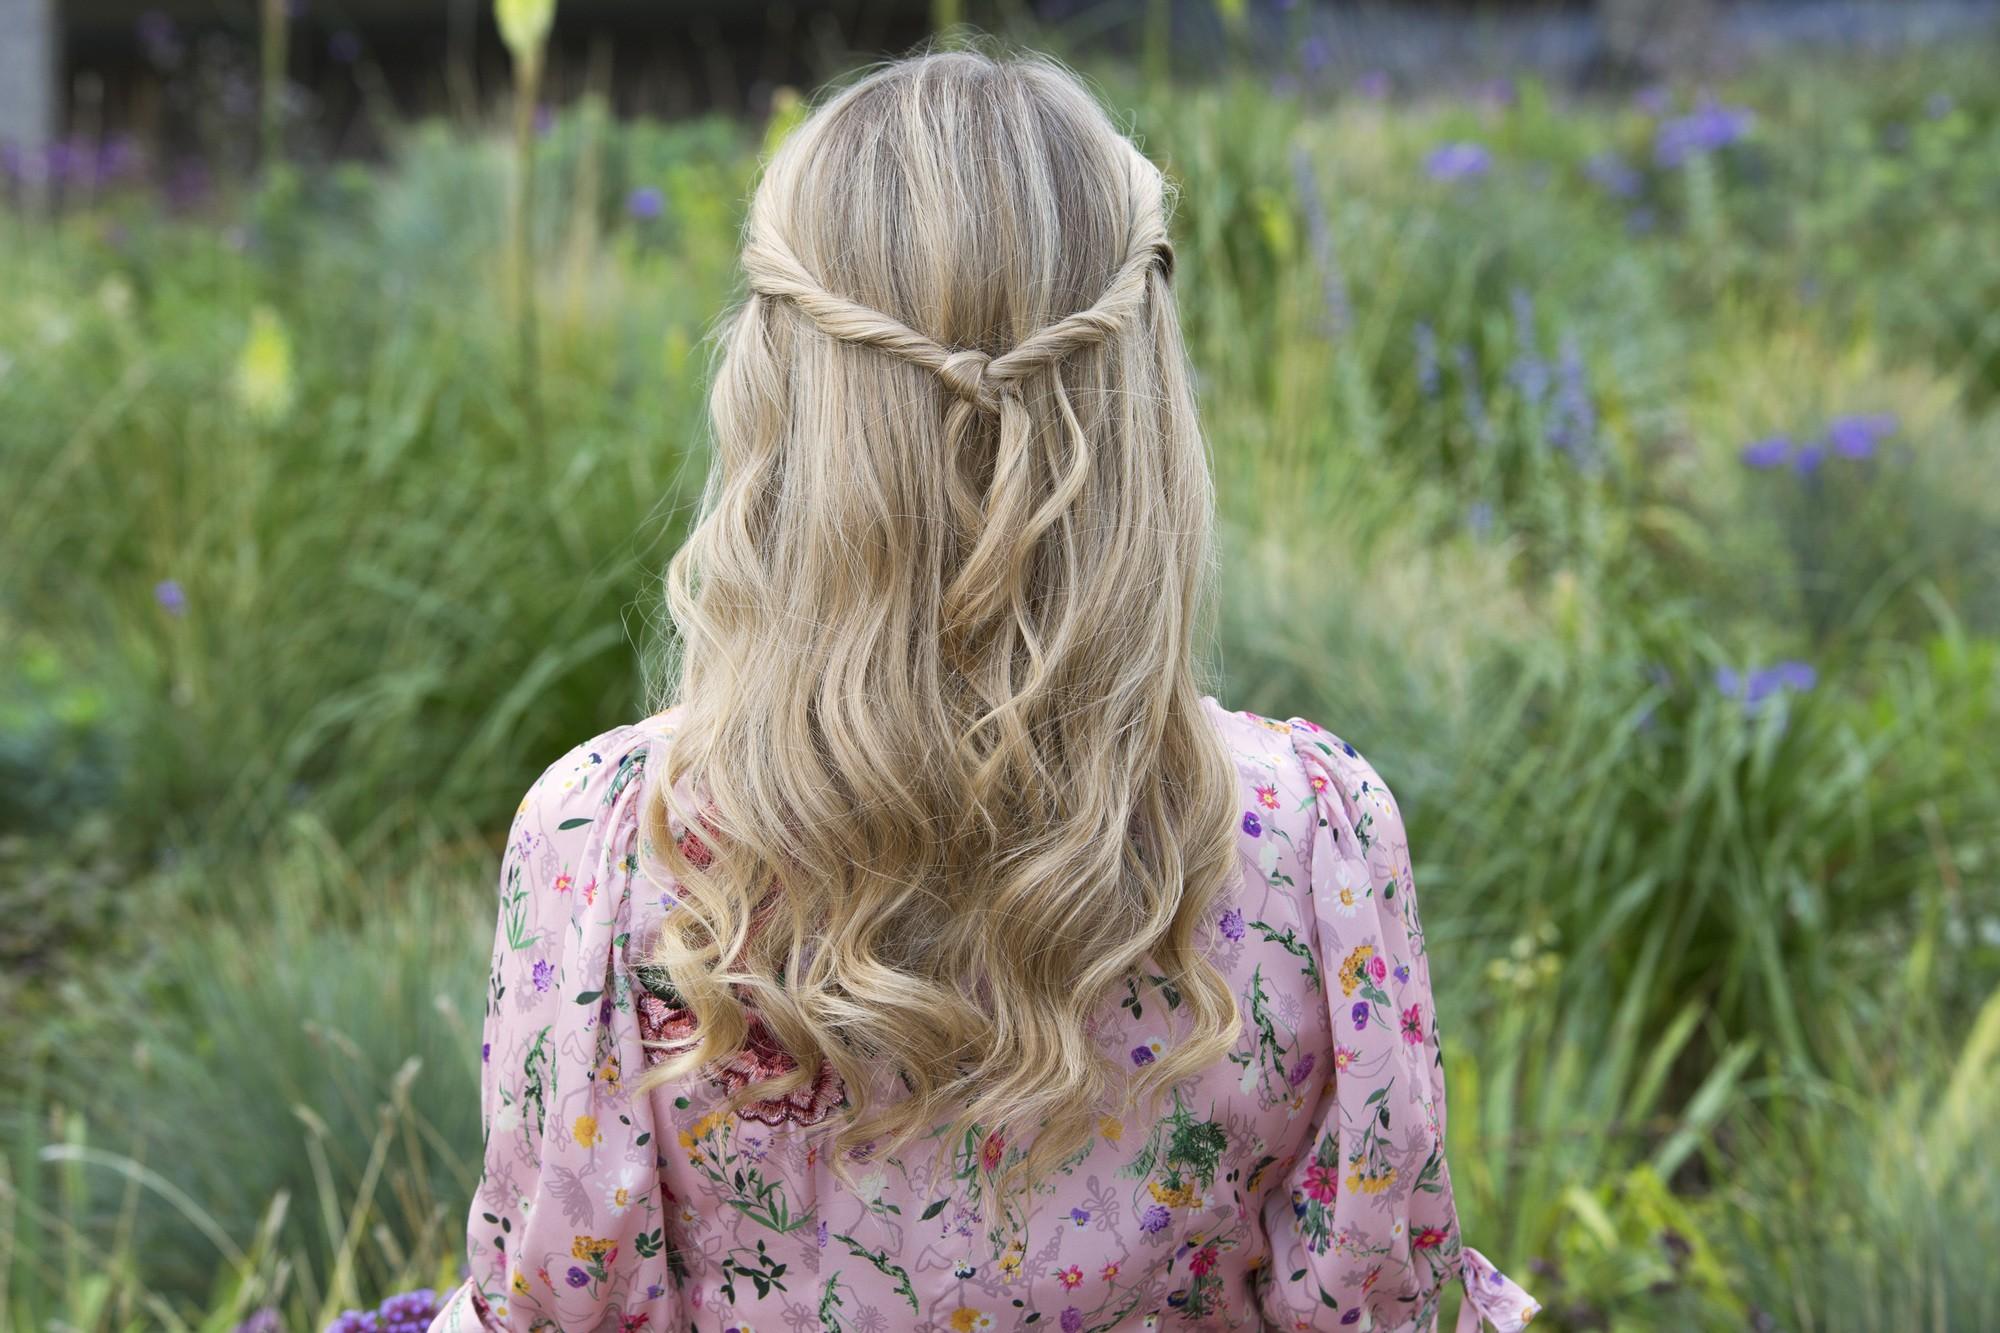 les coiffures de bal de fin d'année : gros plan arrière d'une femme aux cheveux blonds cendrés, portant une coiffure nouée mi-haute, mi-dessous, portant une robe florale rose et posant à l'extérieur